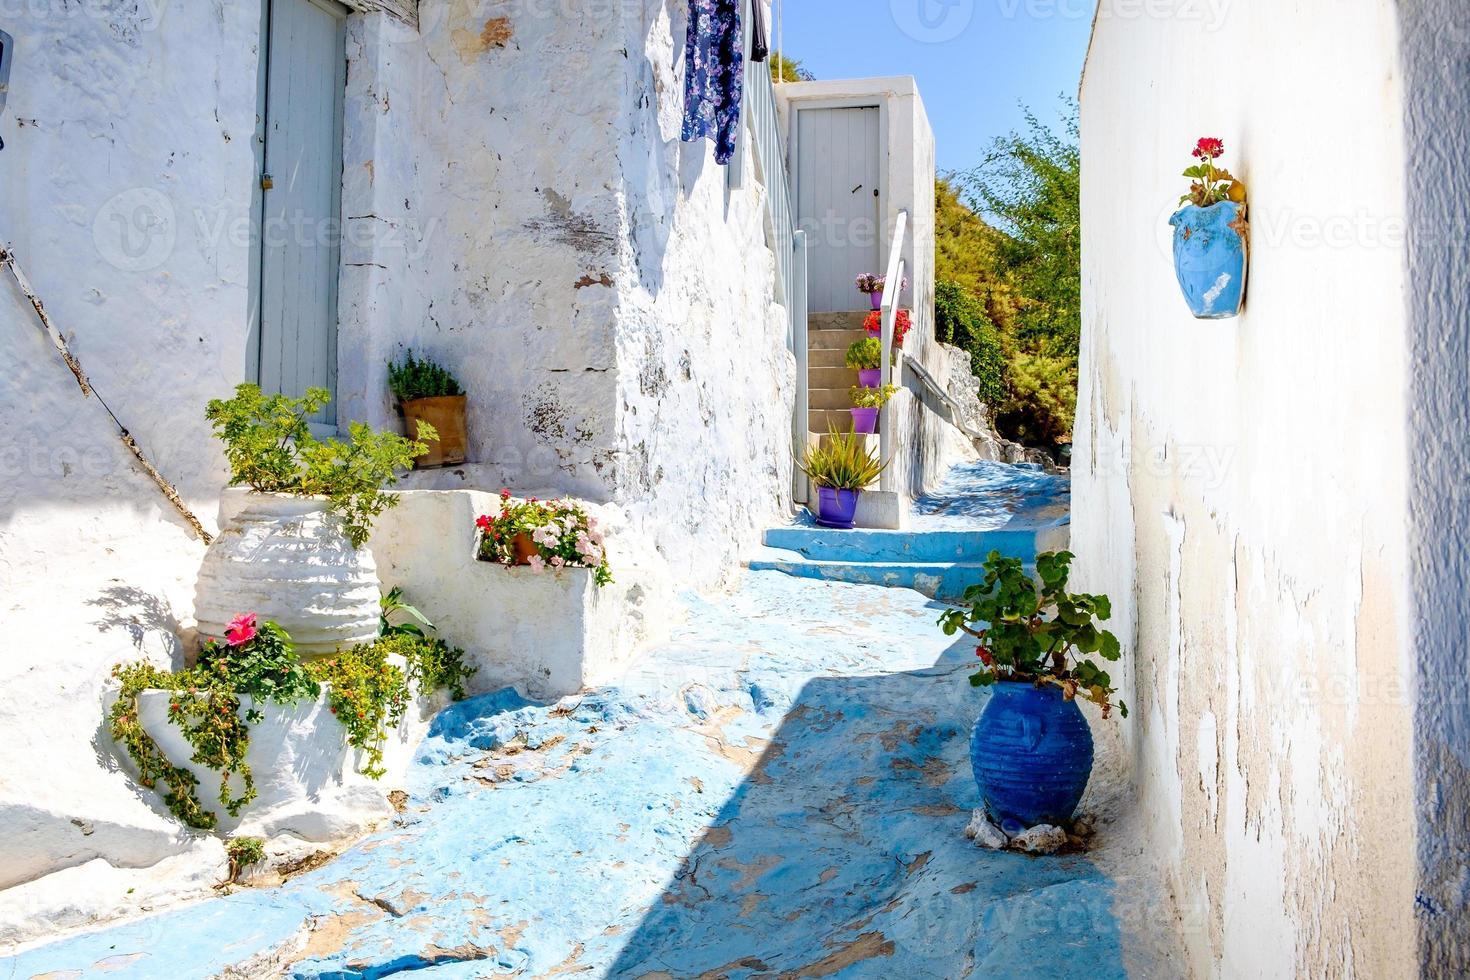 belle rue dans le vieux village cycladique grec traditionnel plaka photo